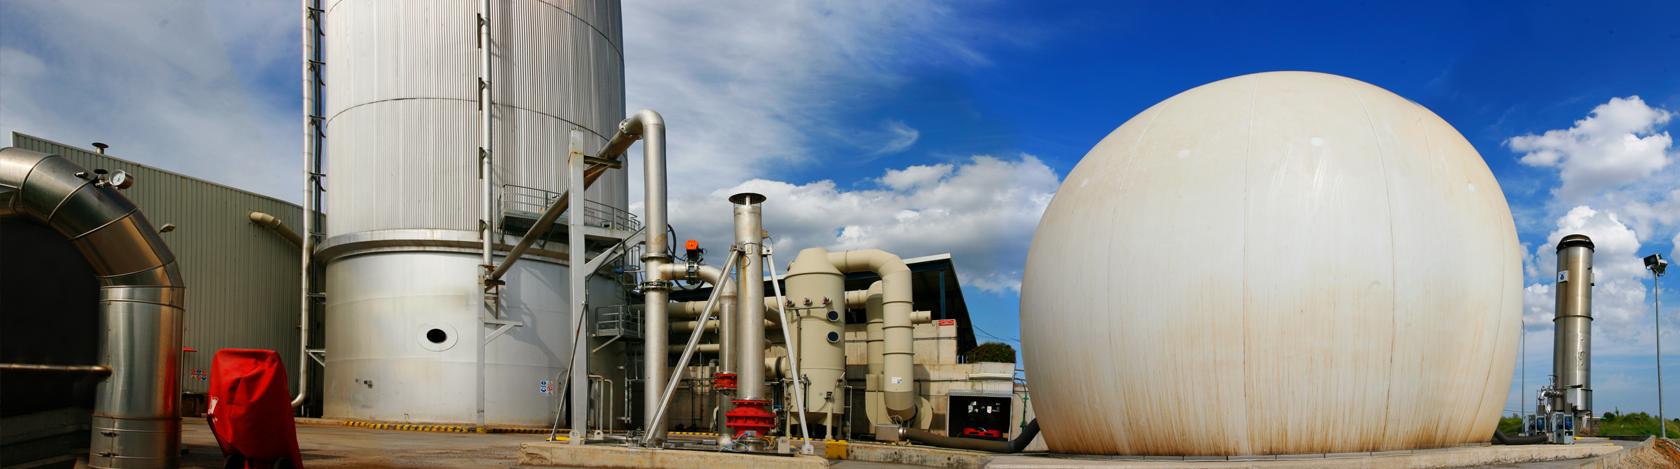 Les obres de la Planta de Can Barba permetran modernitzar la instal·lació, obtenir compost de més qualitat i augmentar la quantitat de biogàs produït